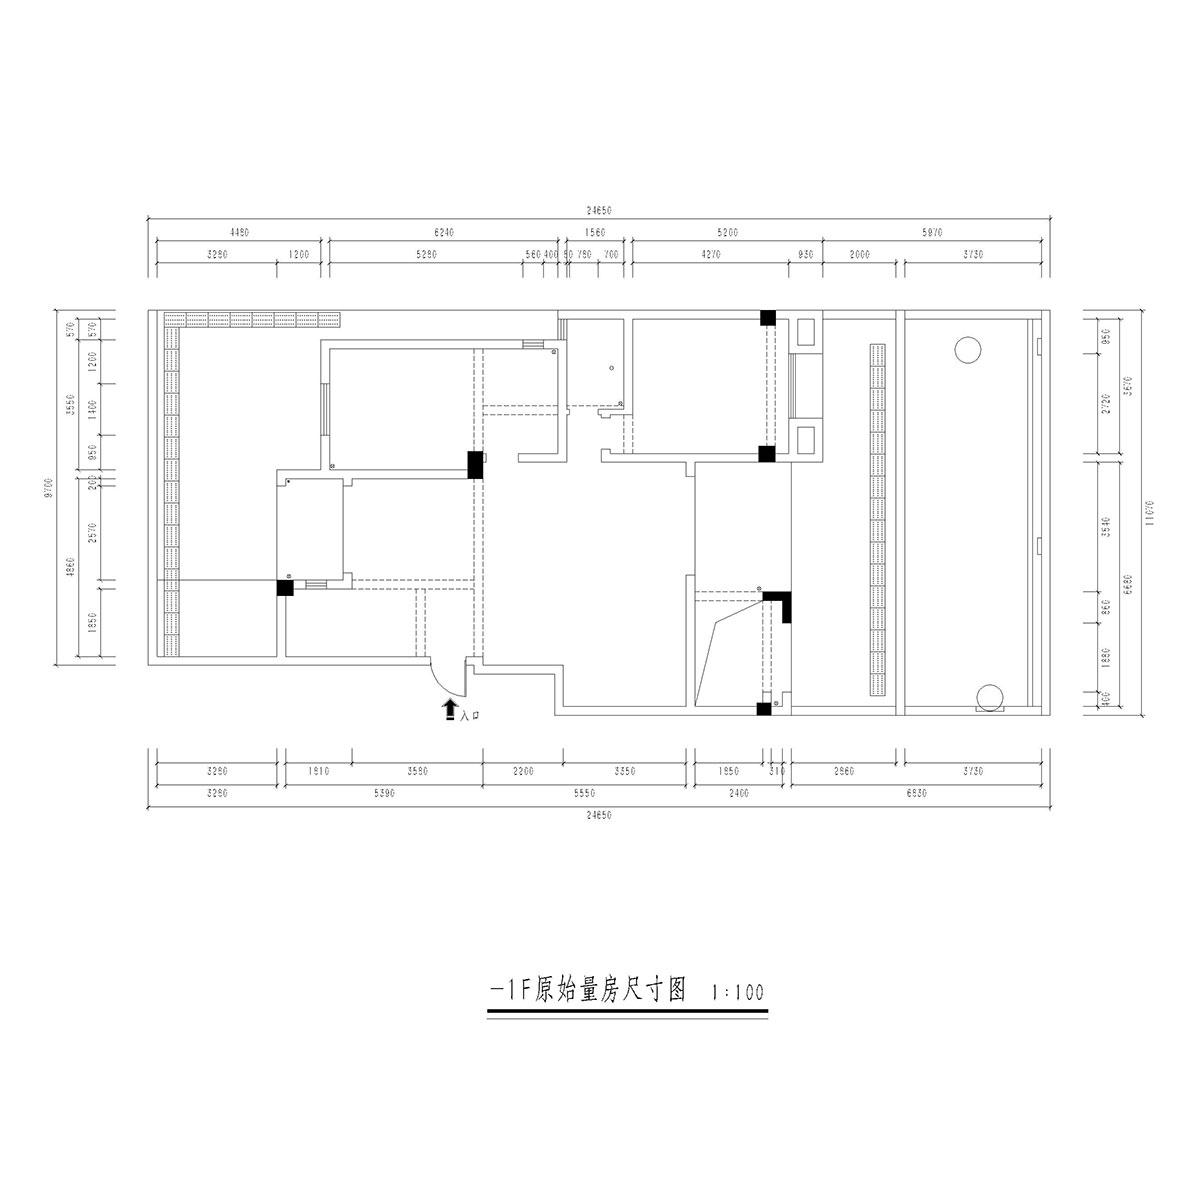 法式混搭风格装修效果图丨新北川羌多娜280㎡跃层装修案例装修设计理念